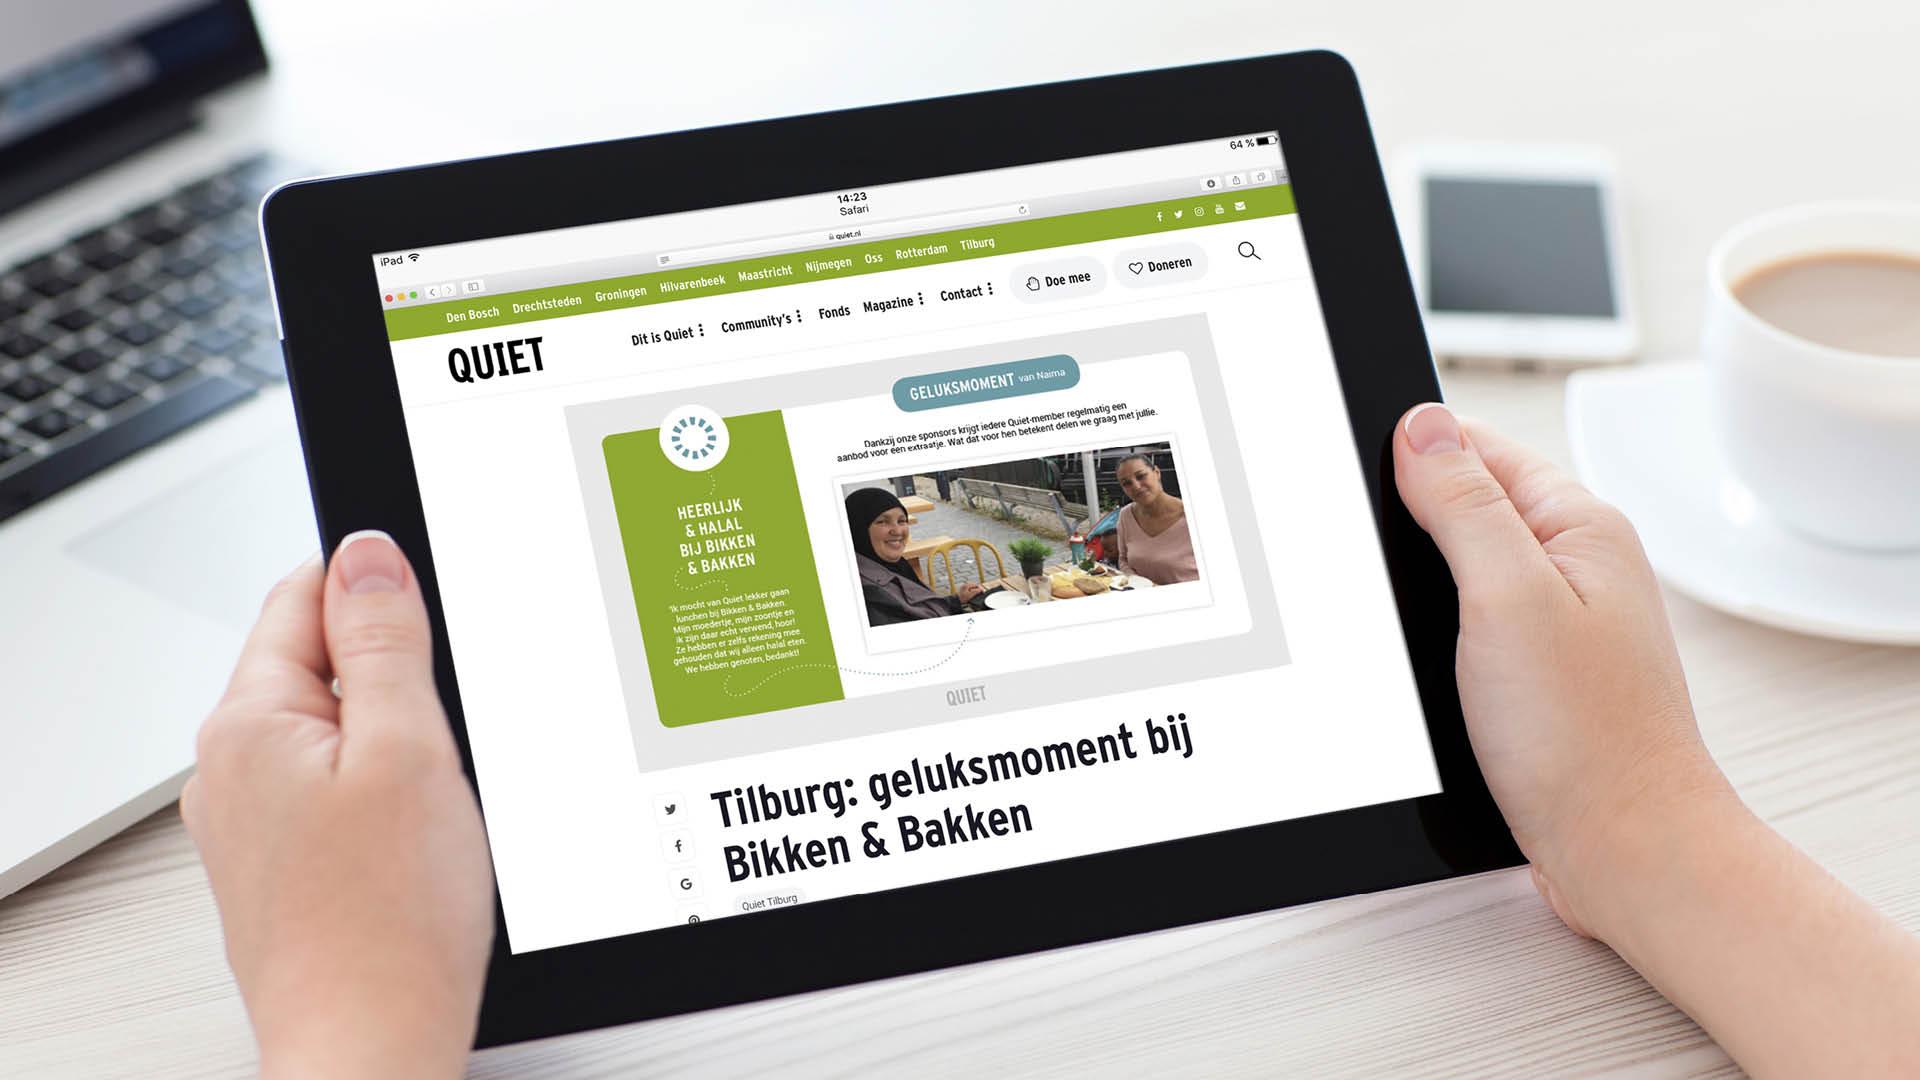 quiet_toffeywebsite_liggend4